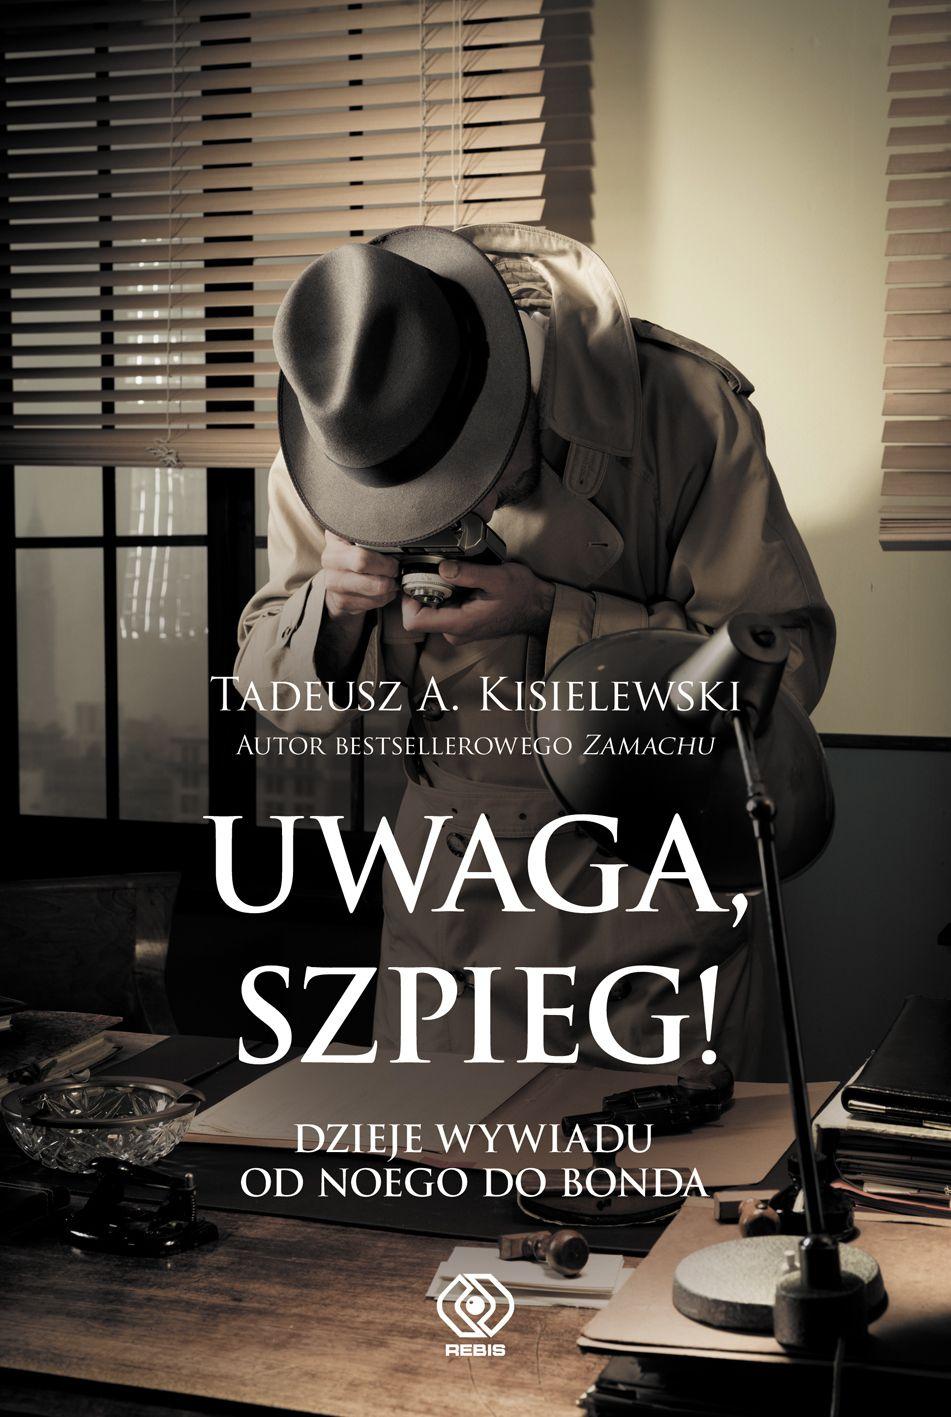 """Kup książkę Tadeusza A. Kisielewskiego pt. """"Uwaga szpieg"""" z rabatem na empik.com."""